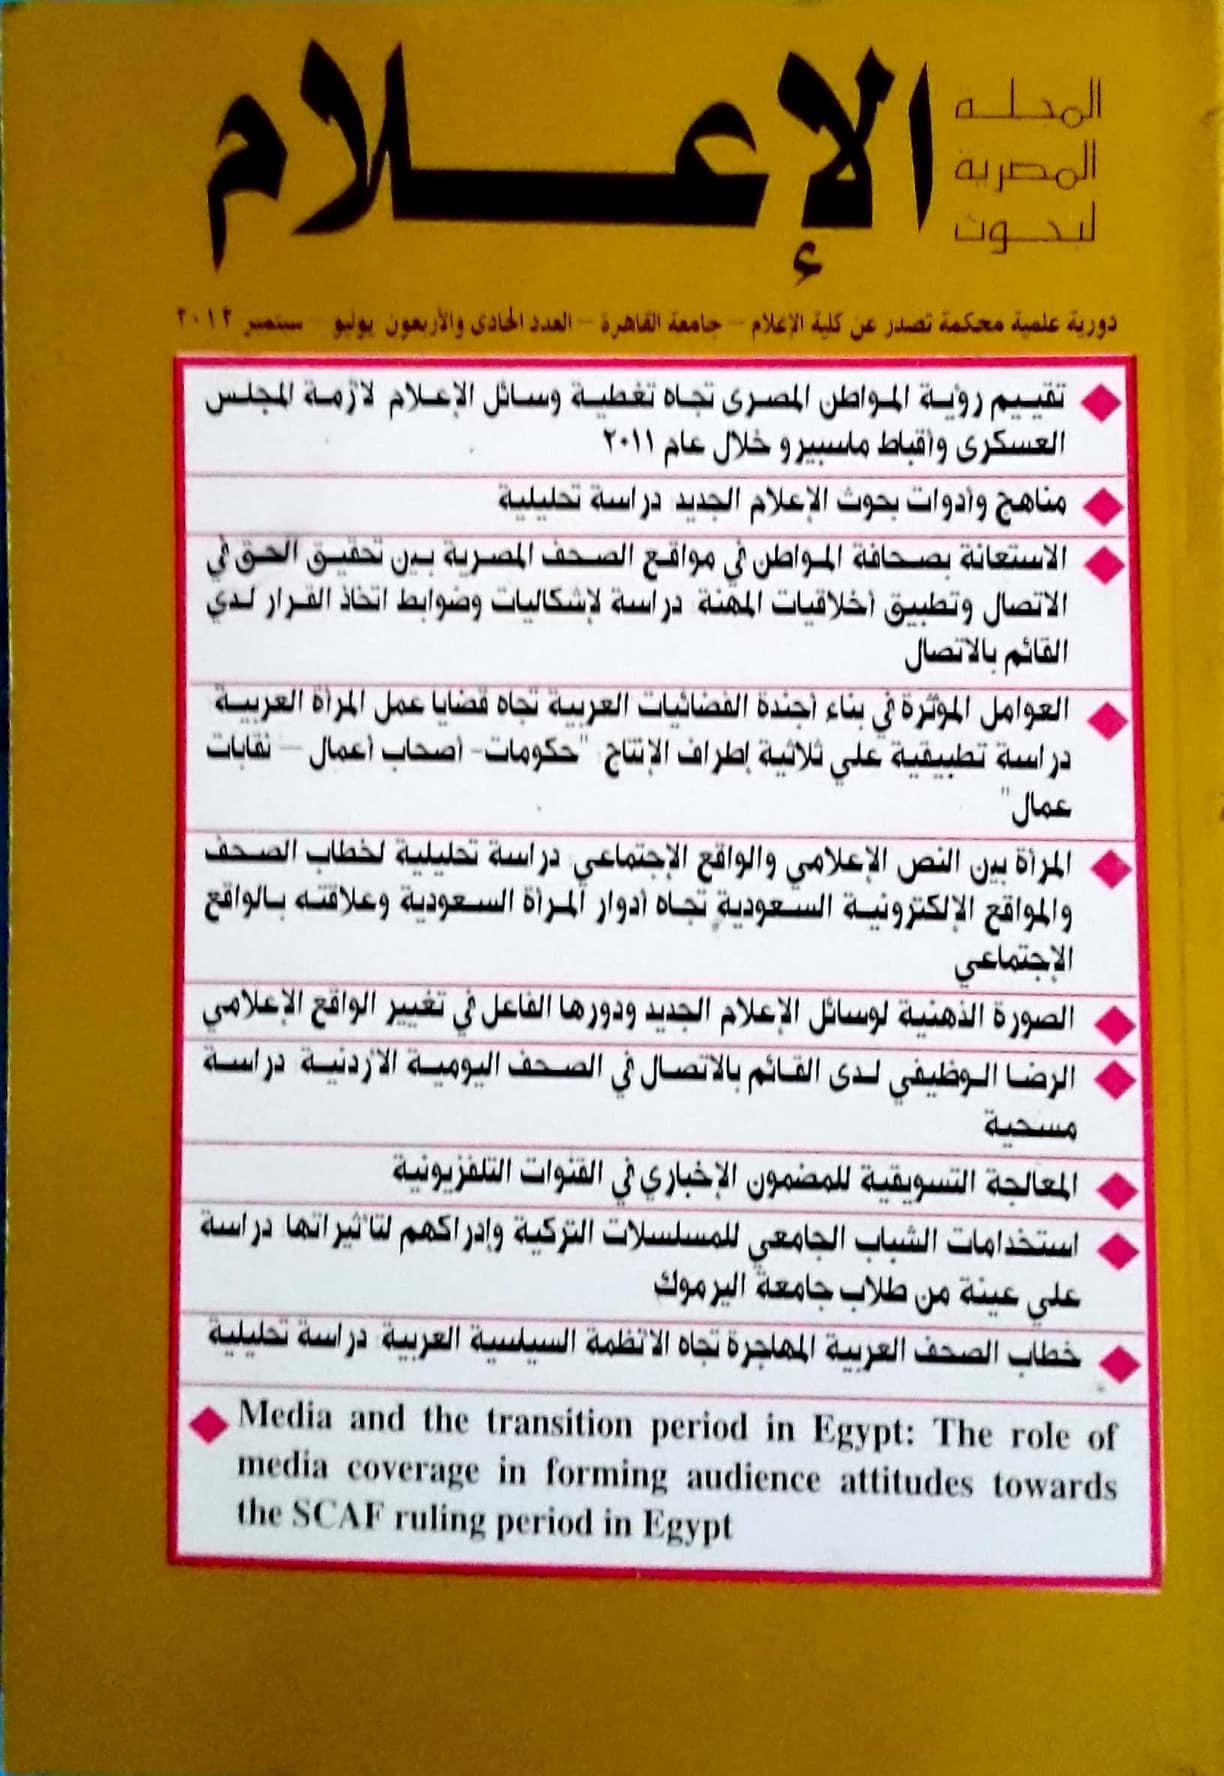 """بحث بعنوان : الرضا الوظيفي لدى القائم بالاتصال في الصحف اليومية الأردنية  """" دراسة مسحية """""""